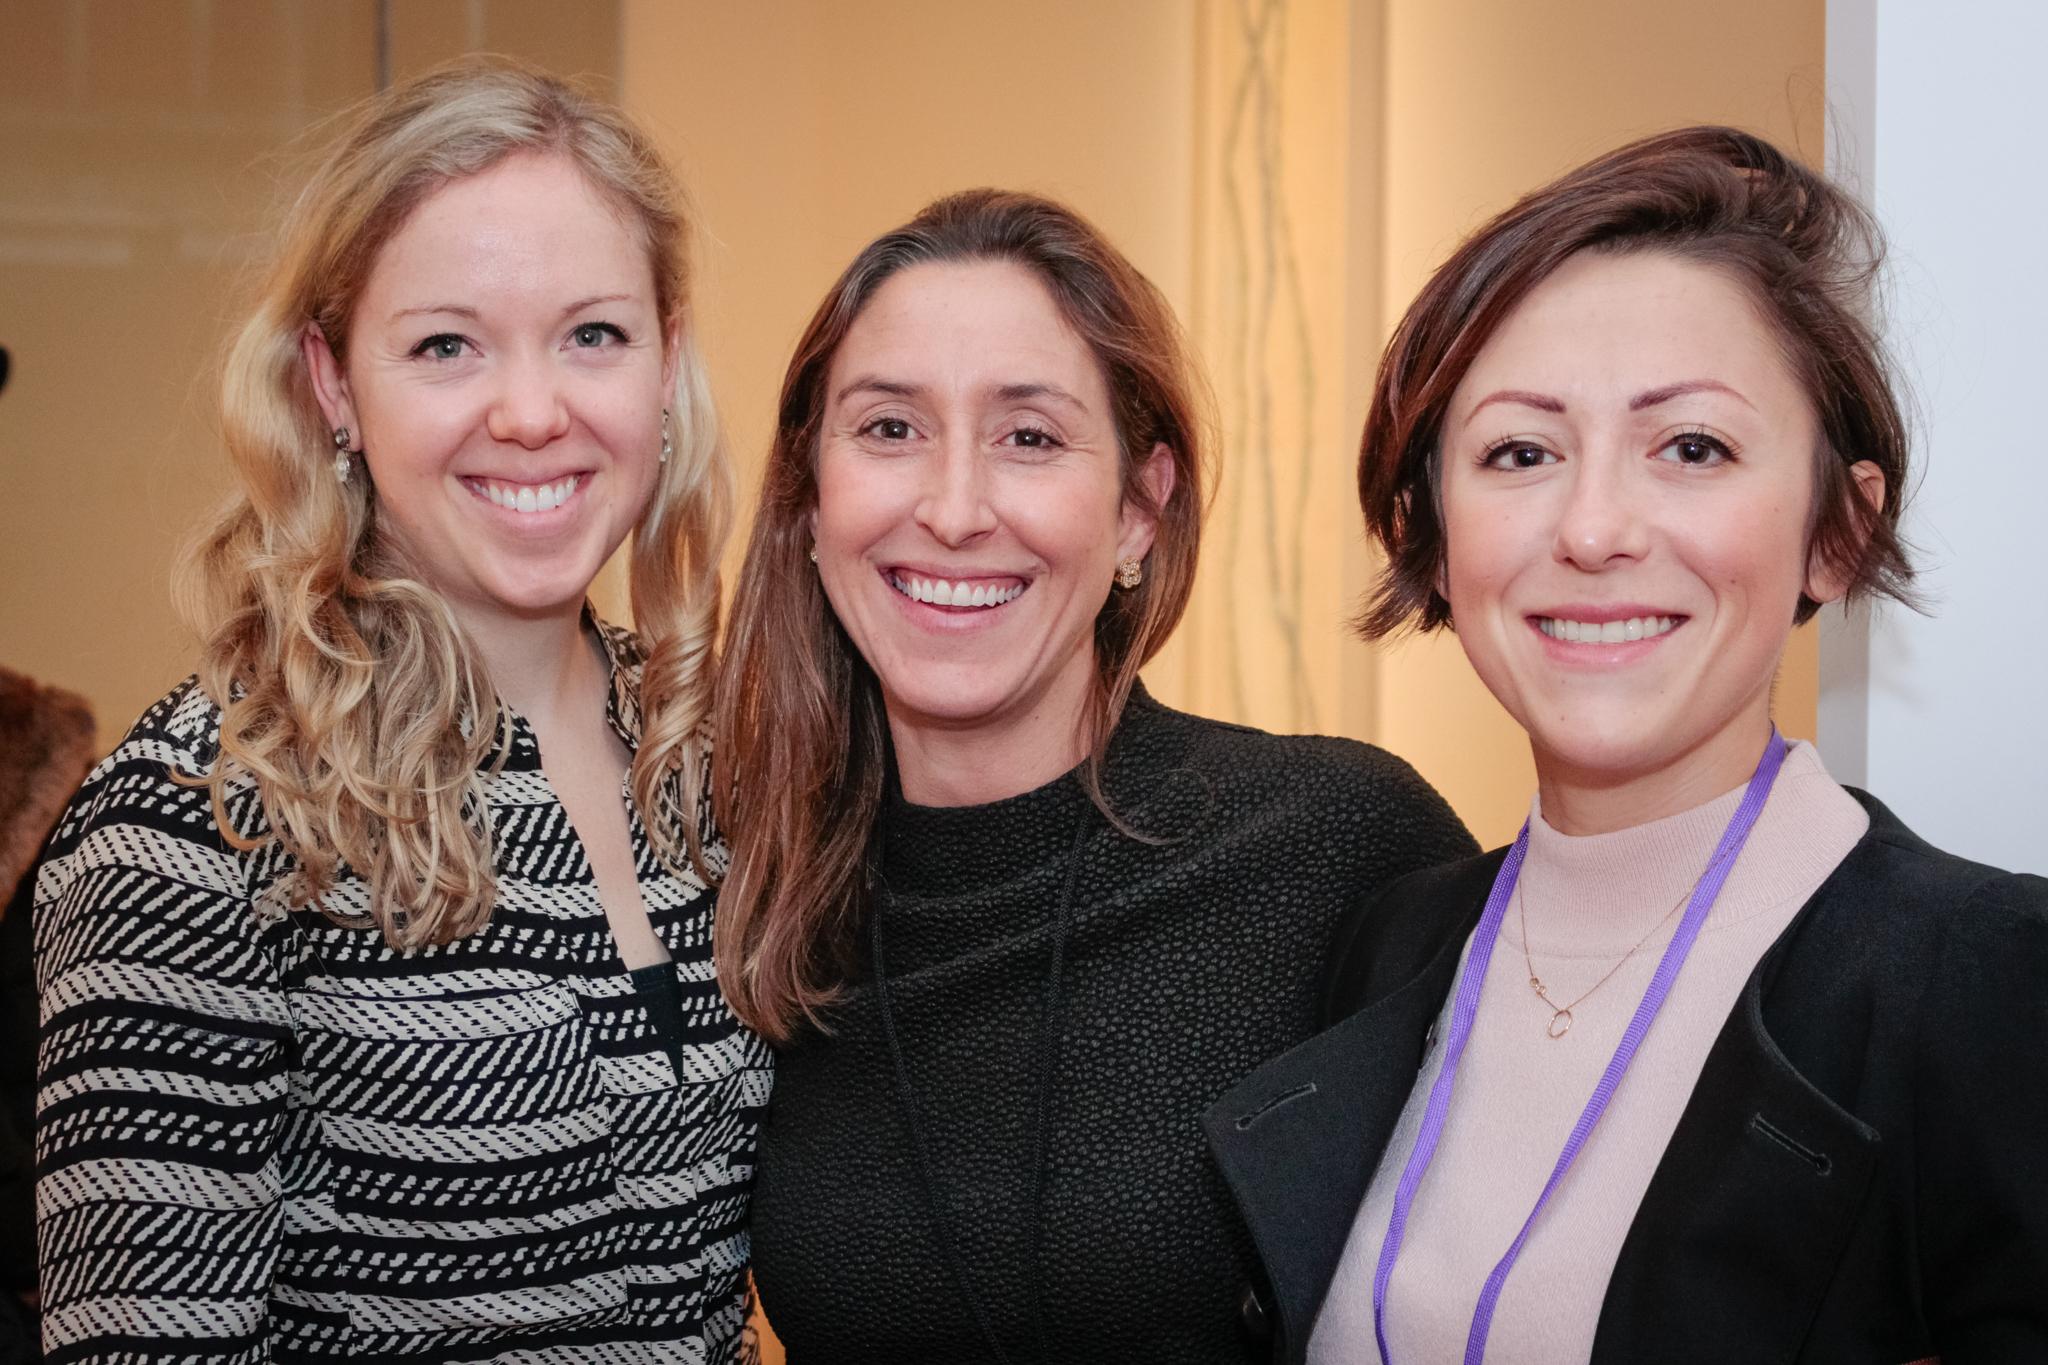 Lucinda Lovell, Zoe Sperling and Kami Naglik